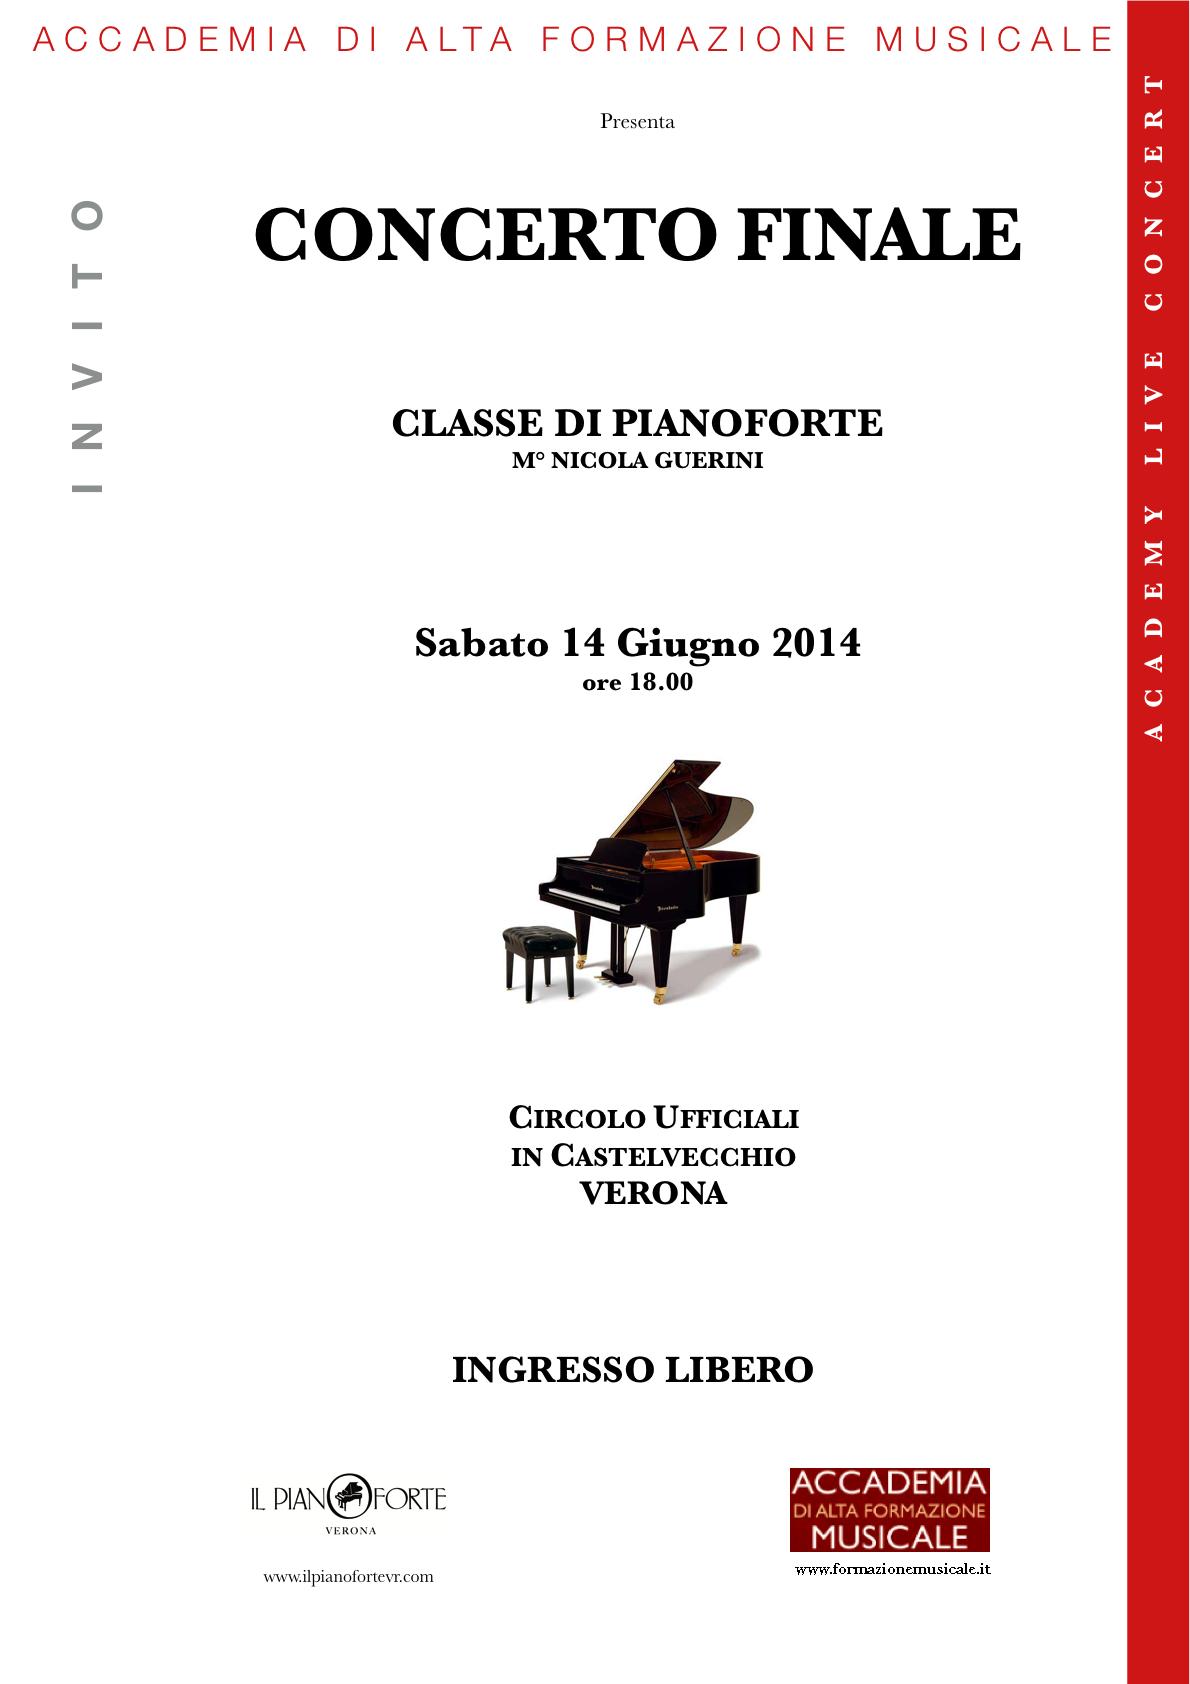 locandina 14 giugno  pianoforte